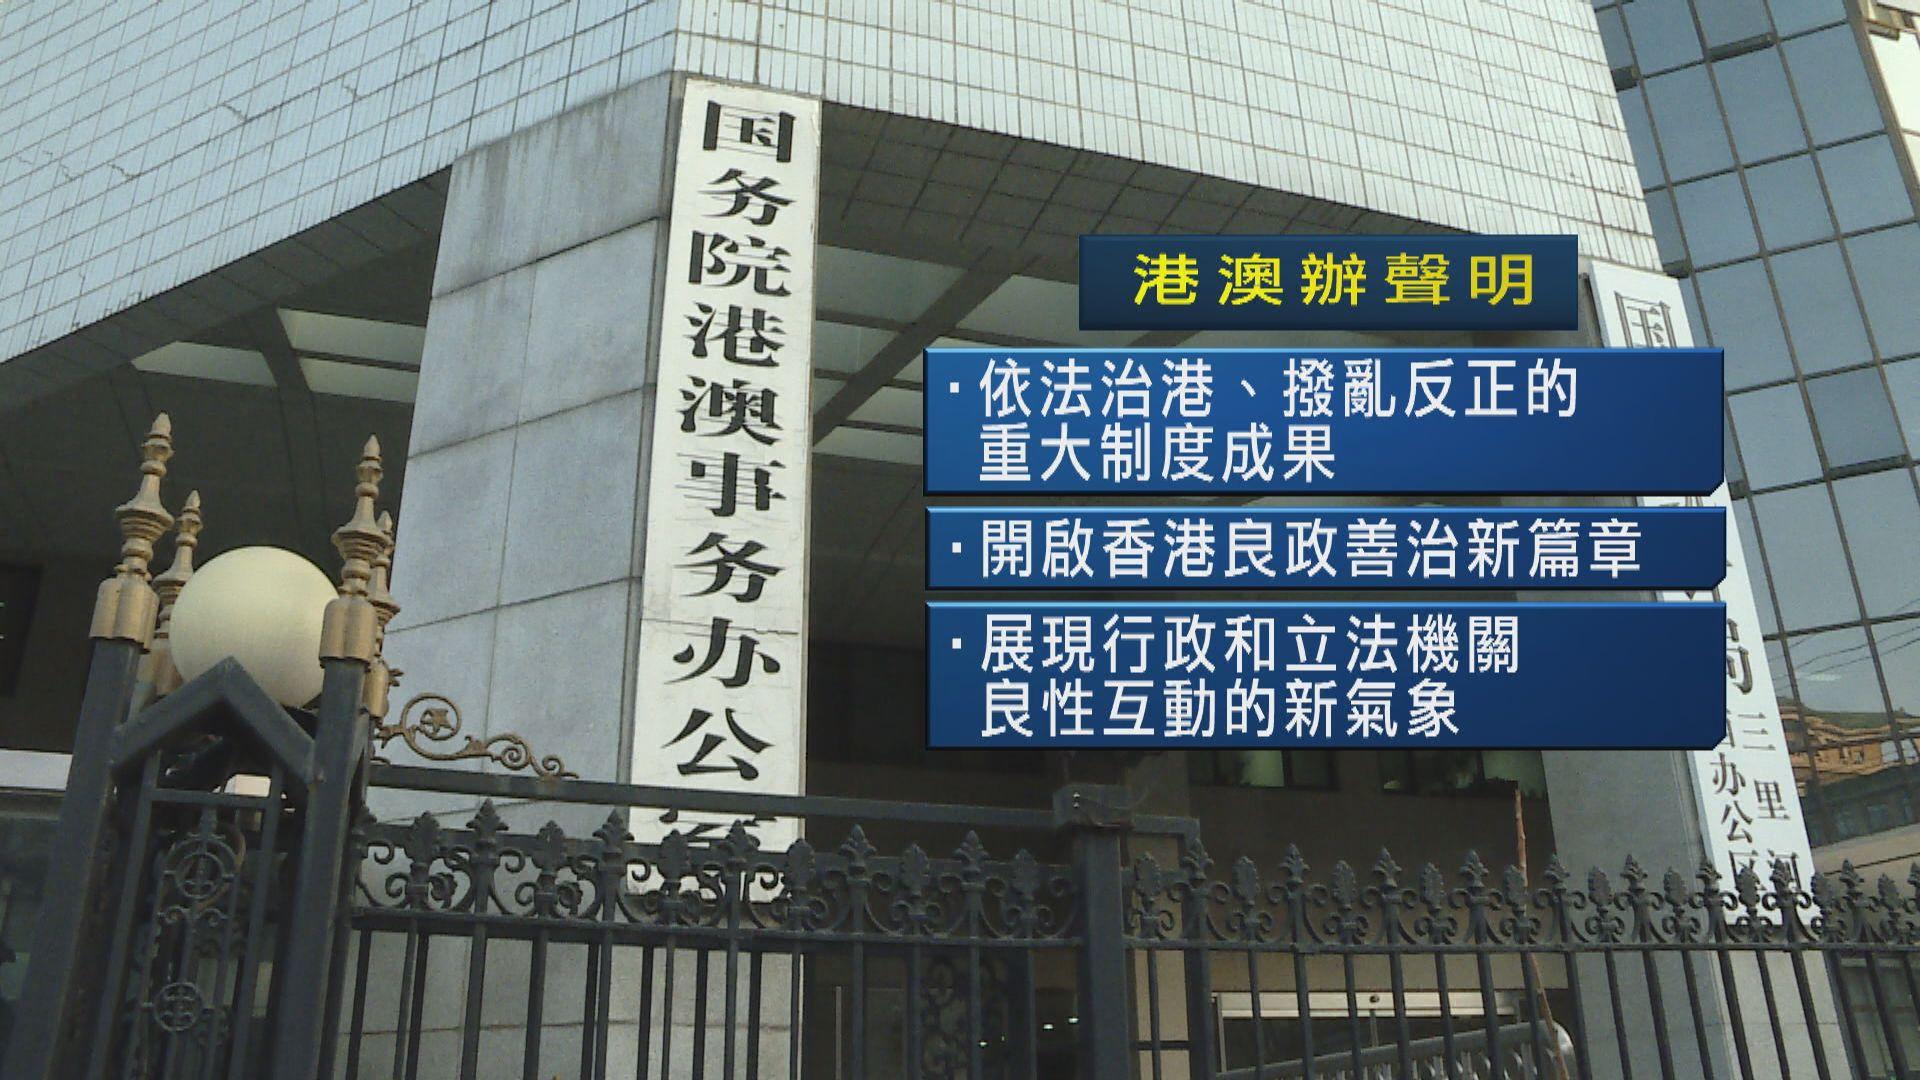 港澳辦:修改選舉制度通過展現行政立法良性互動新氣象